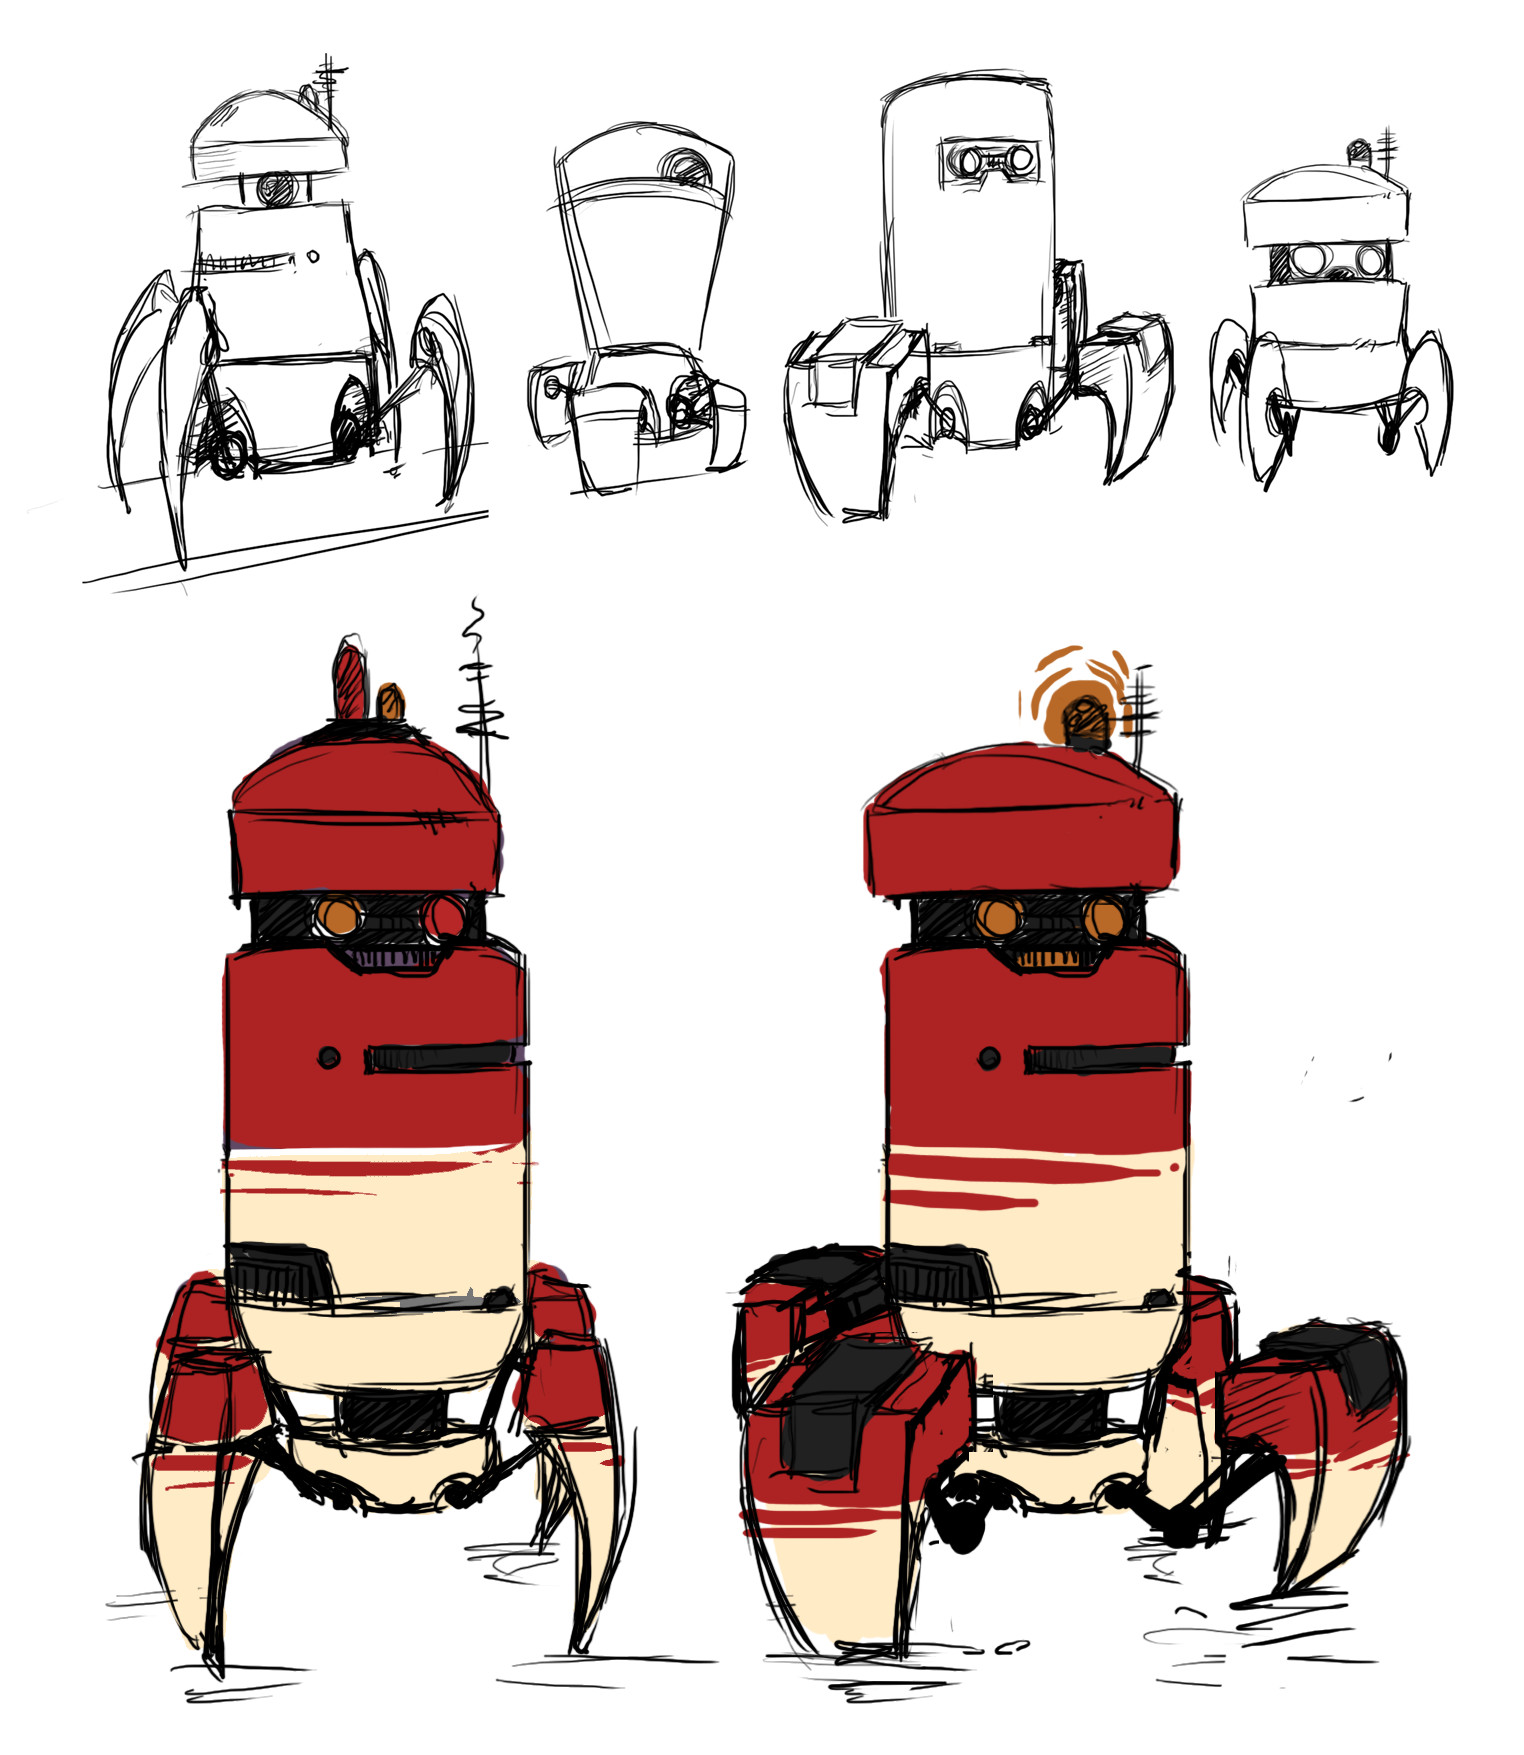 Sietske hereijgers robots vr